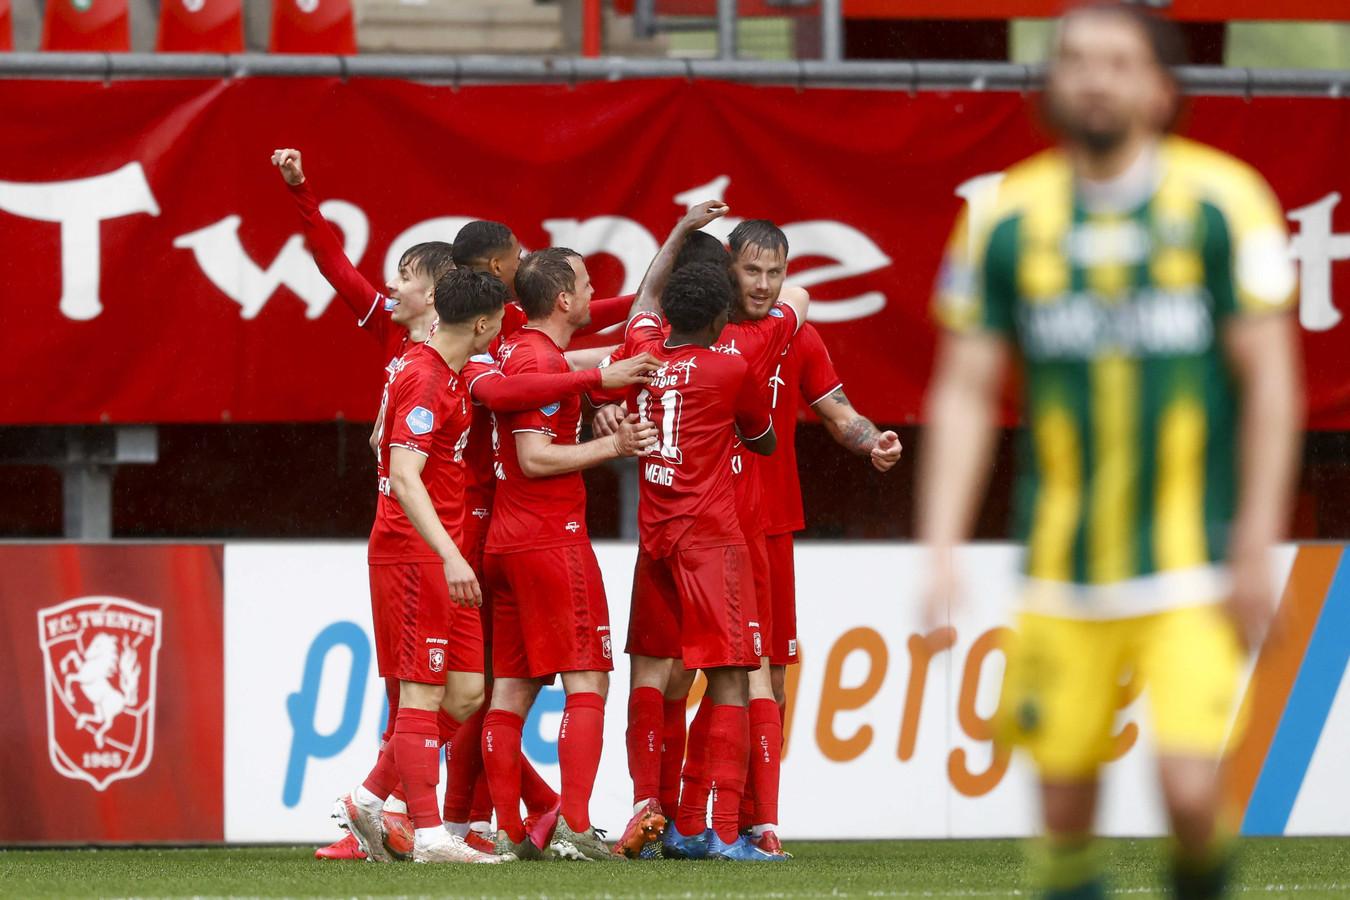 Eindelijk hadden de spelers van FC Twente weer eens wat te vieren.